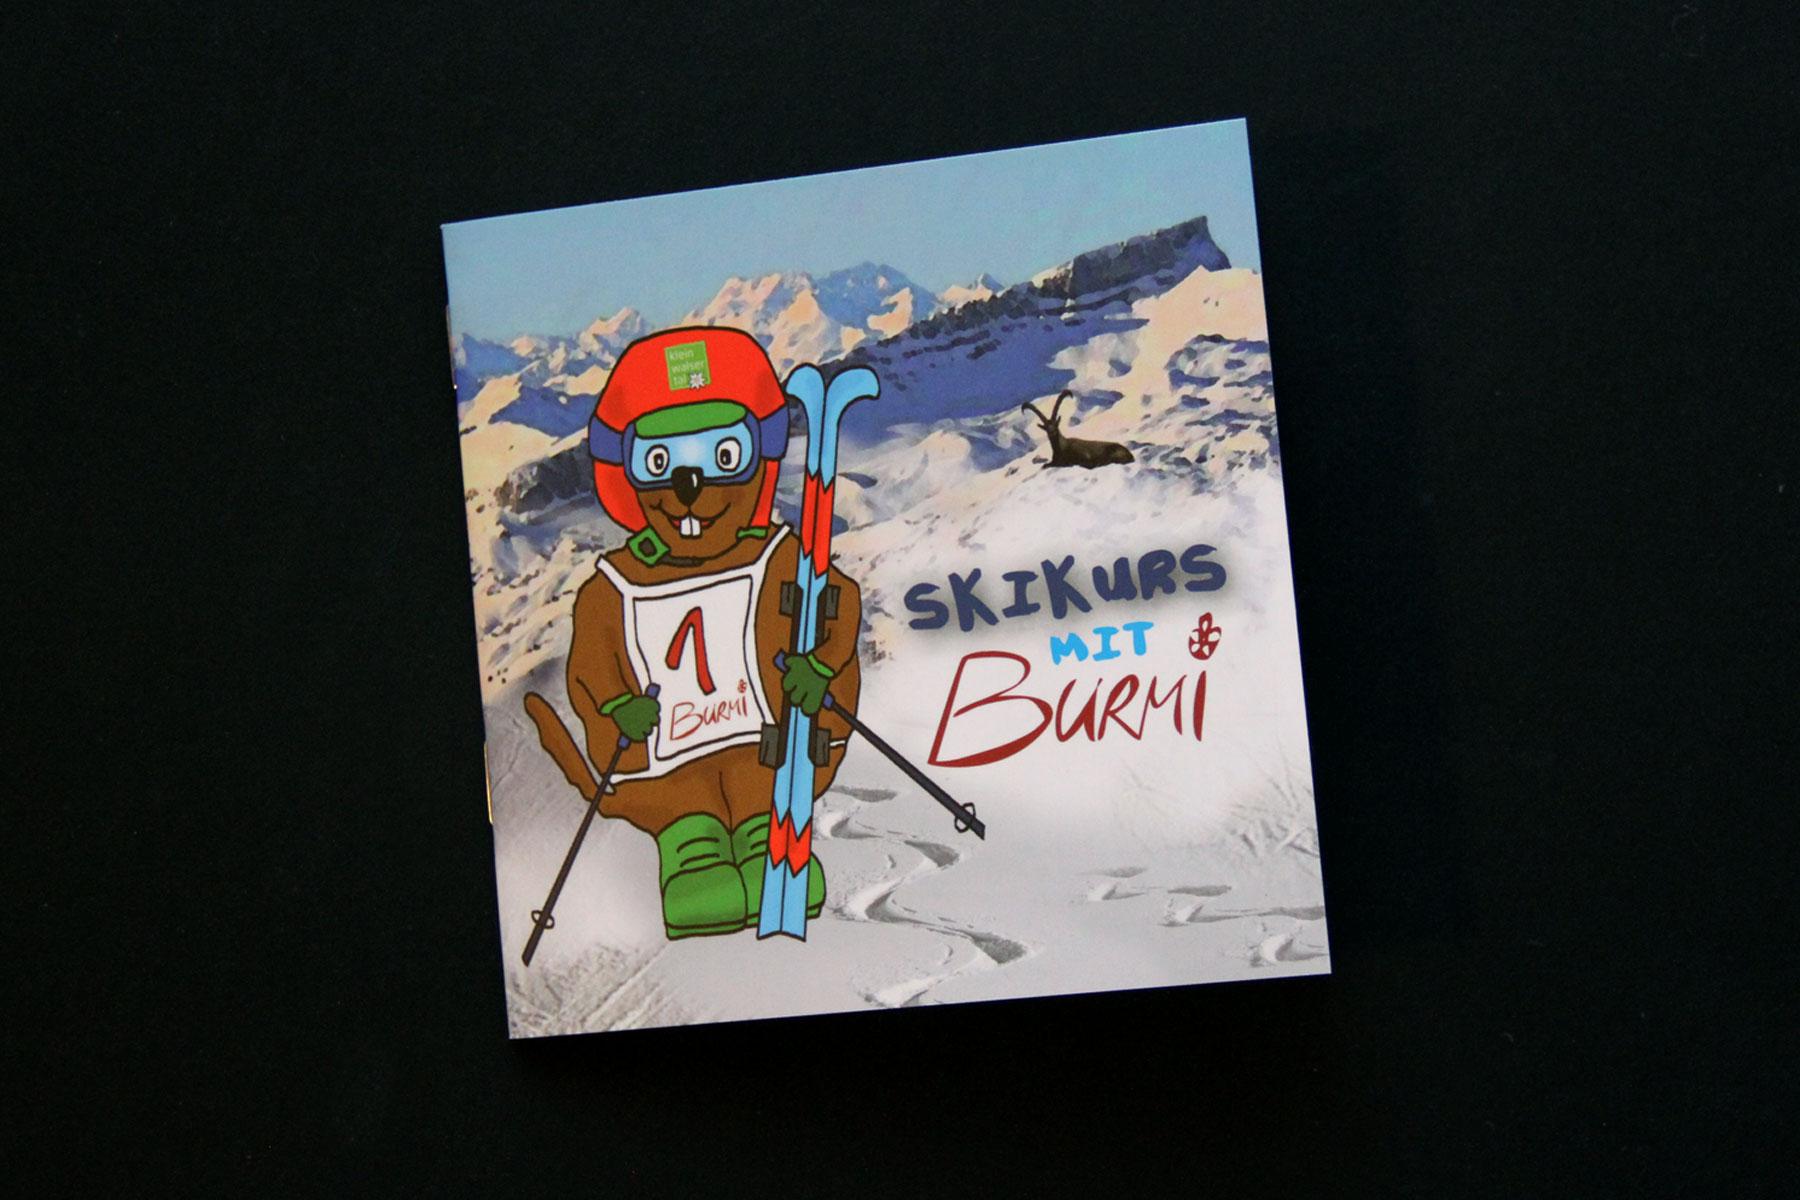 zuckerschnecke.at – Skikurs mit Burmi